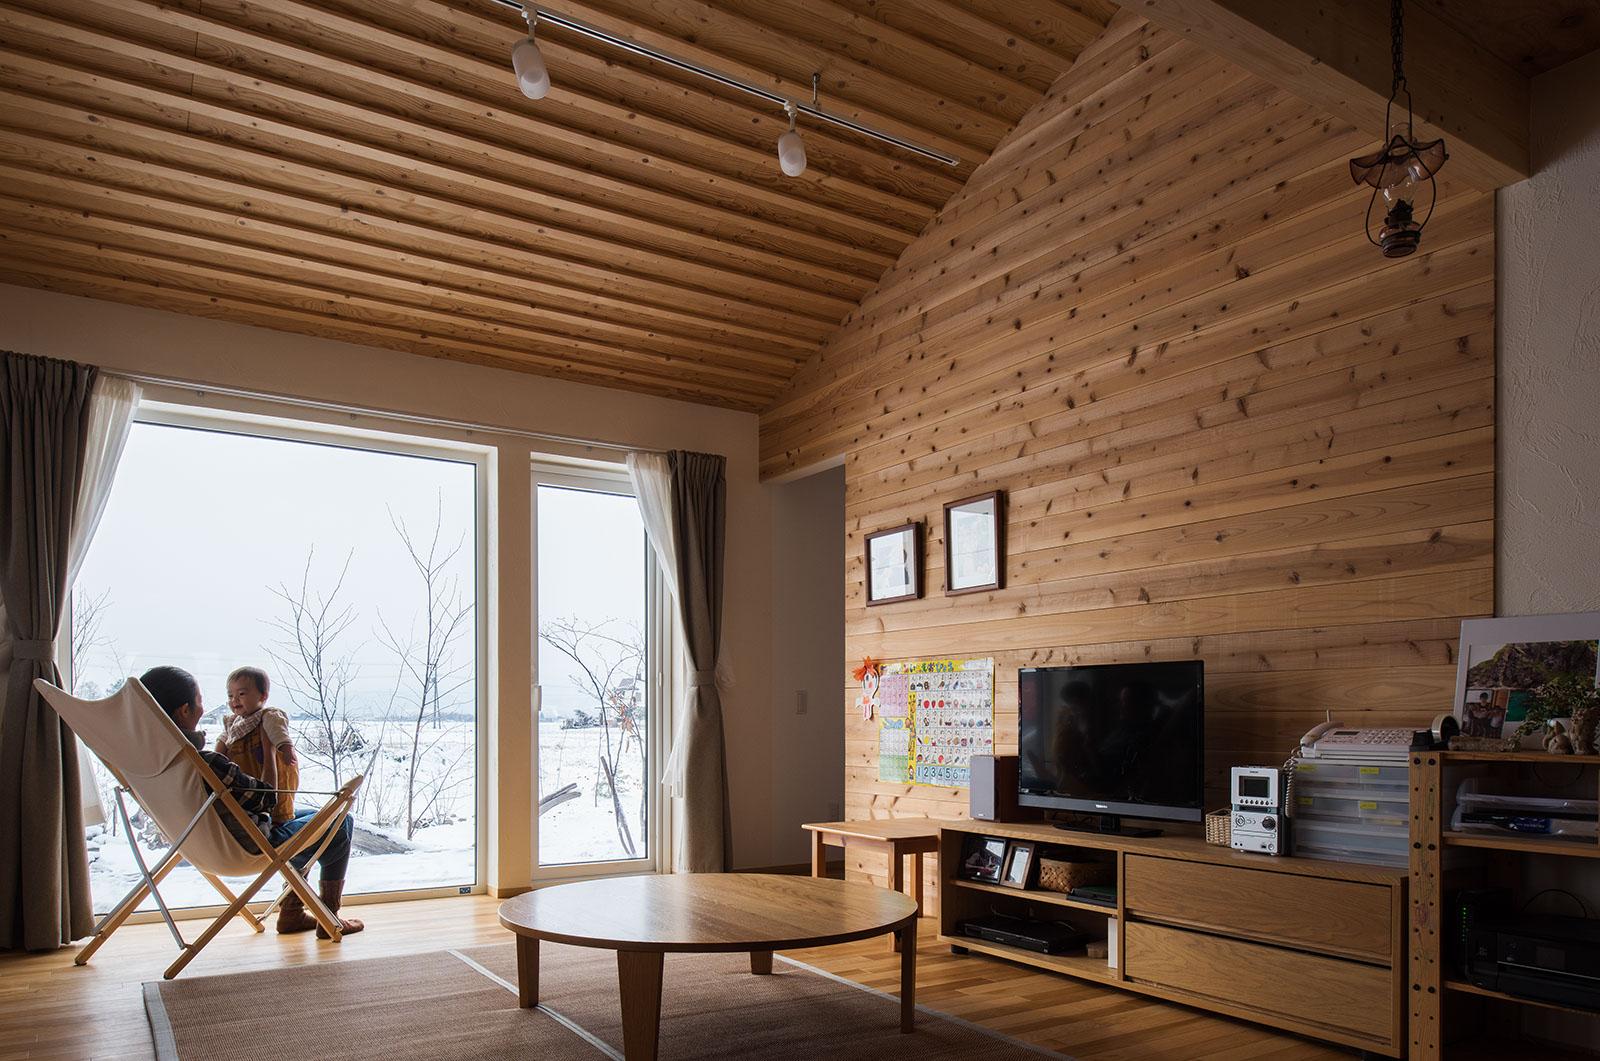 室内の壁には珪藻土の塗り壁を採用しているが、テレビ背面の壁のみ木でアクセントを